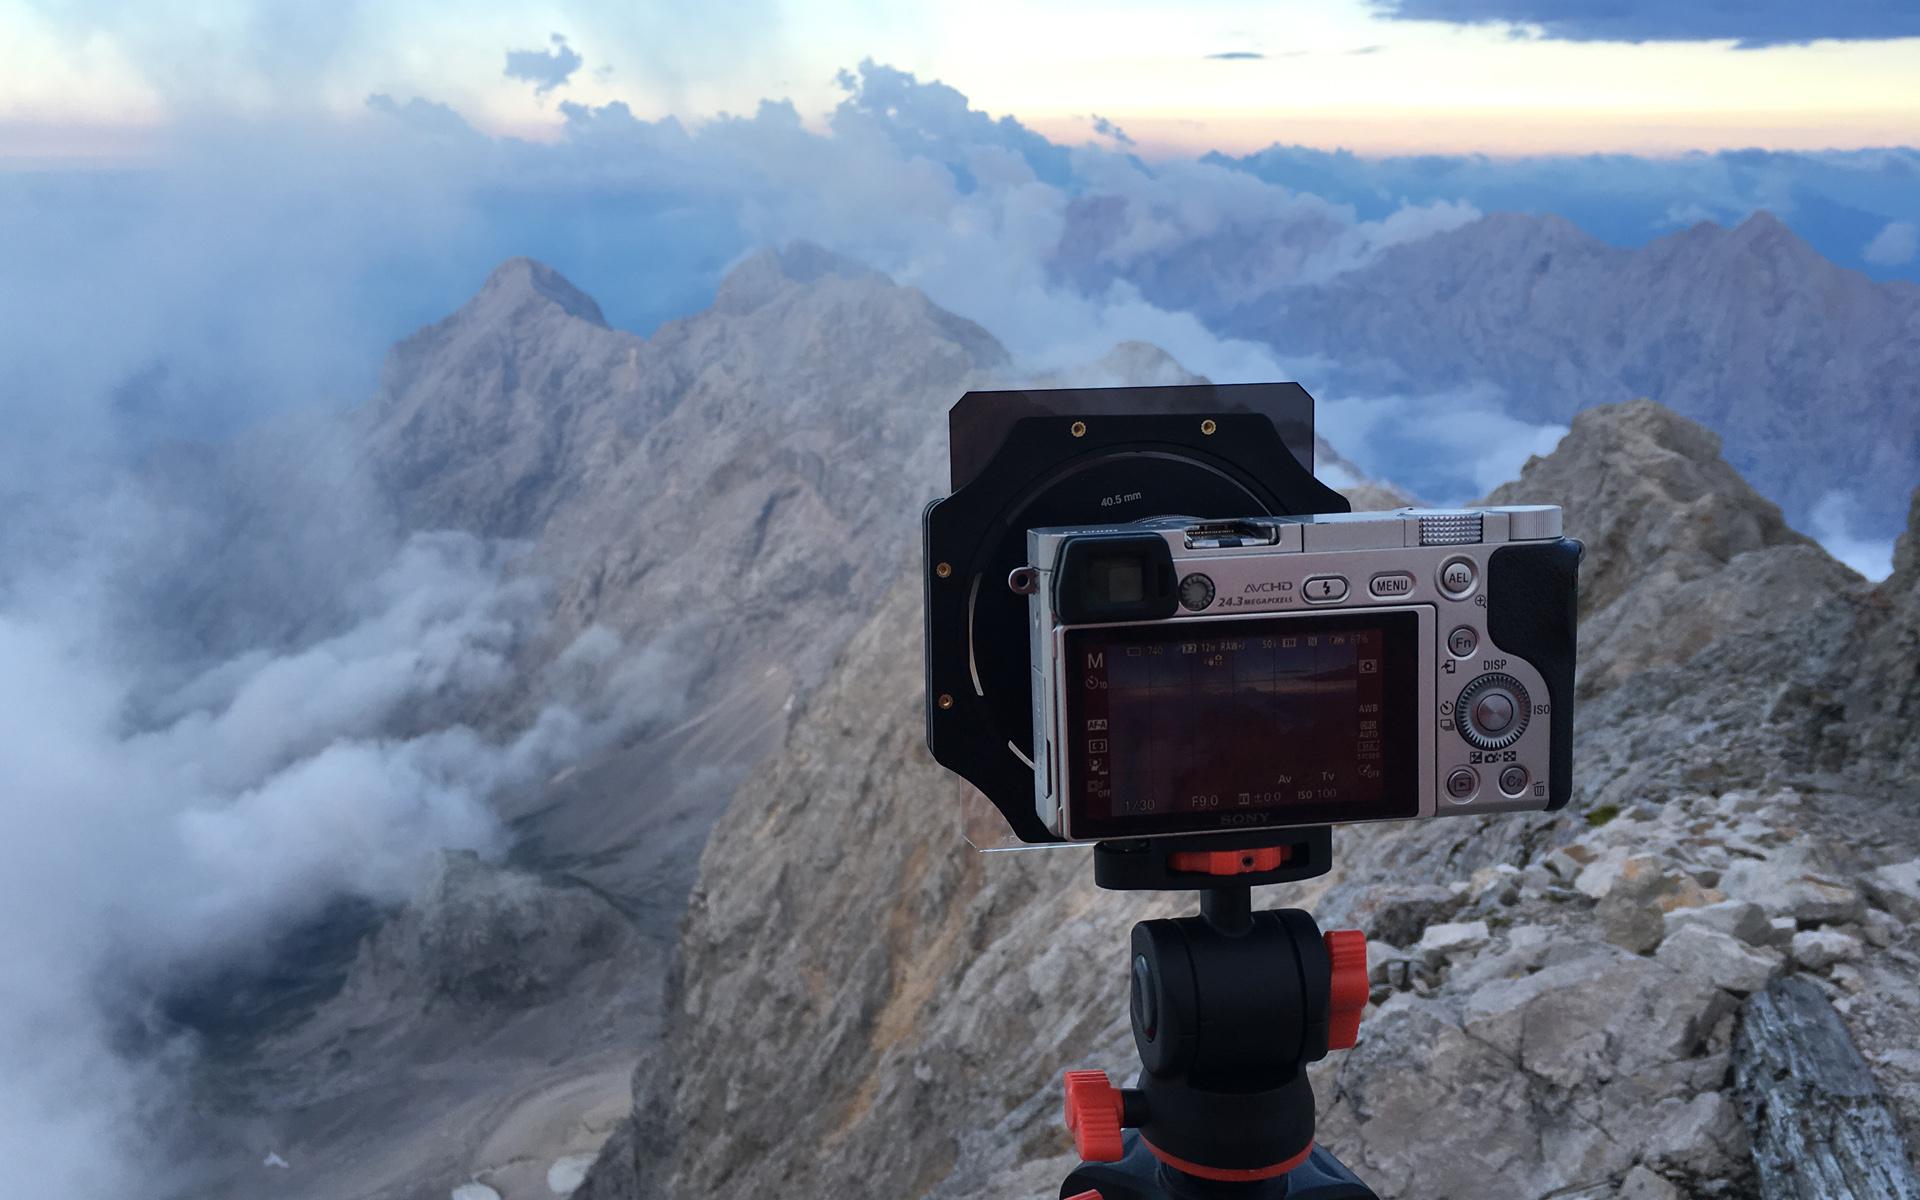 Beste Reisekamera: Eine Kamera steht auf einem Stativ mit Blick auf die Berge.